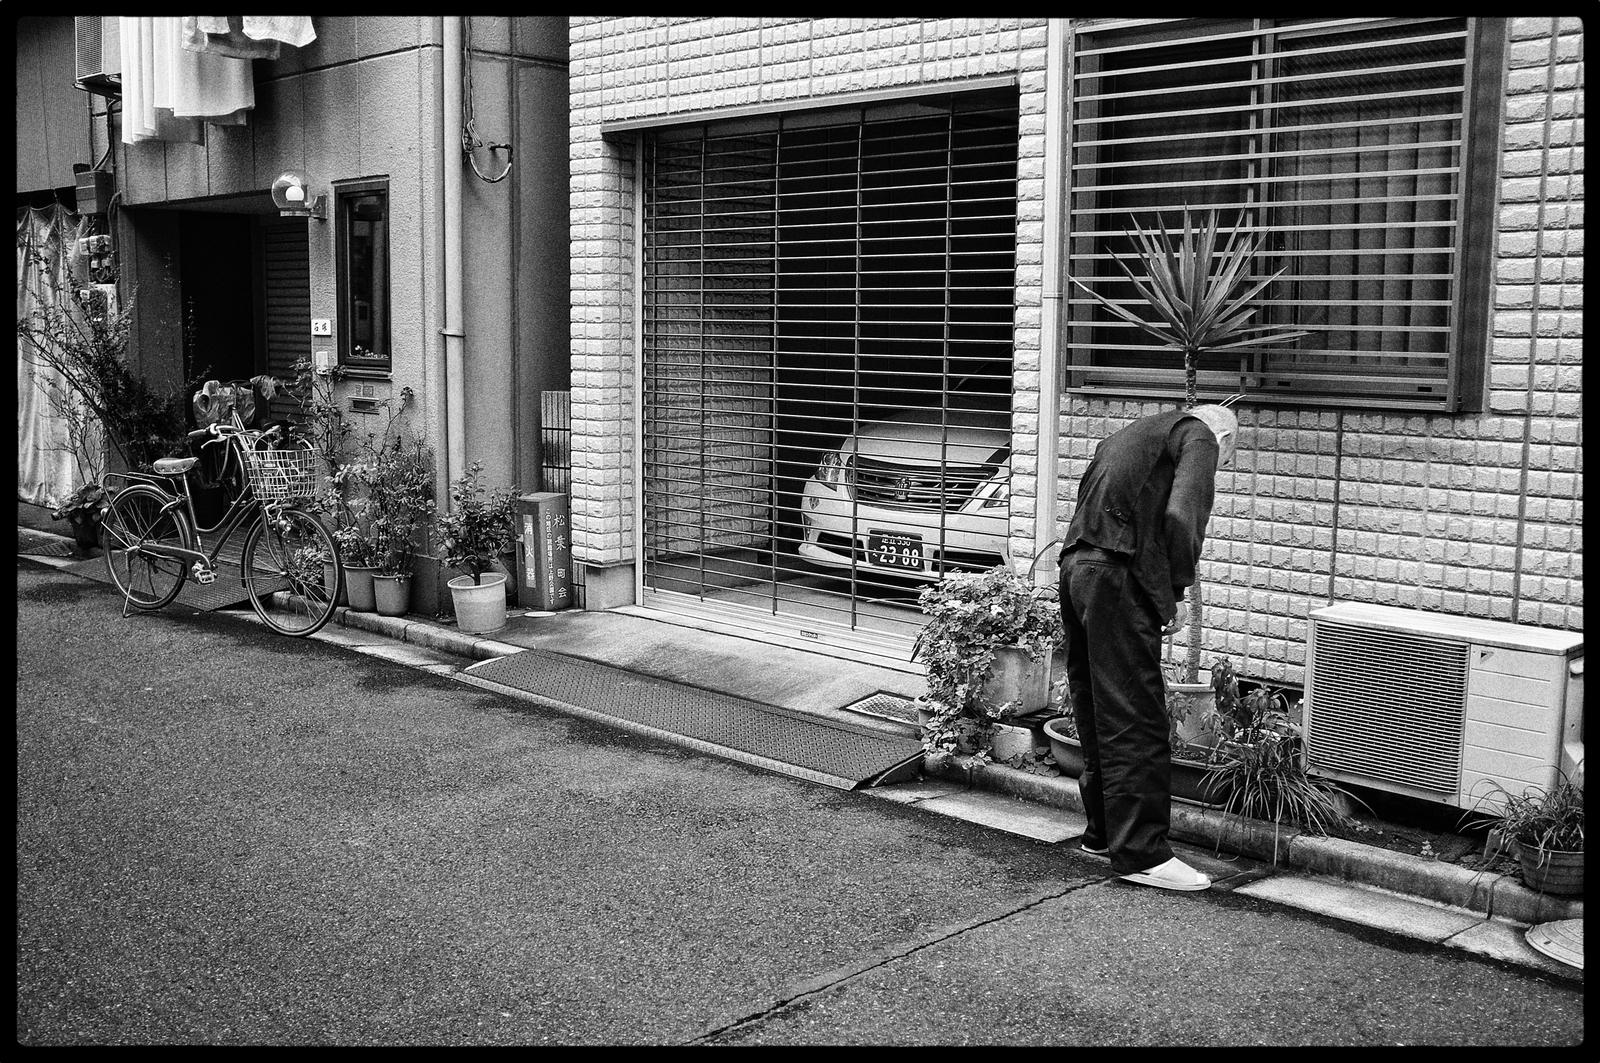 Japan037